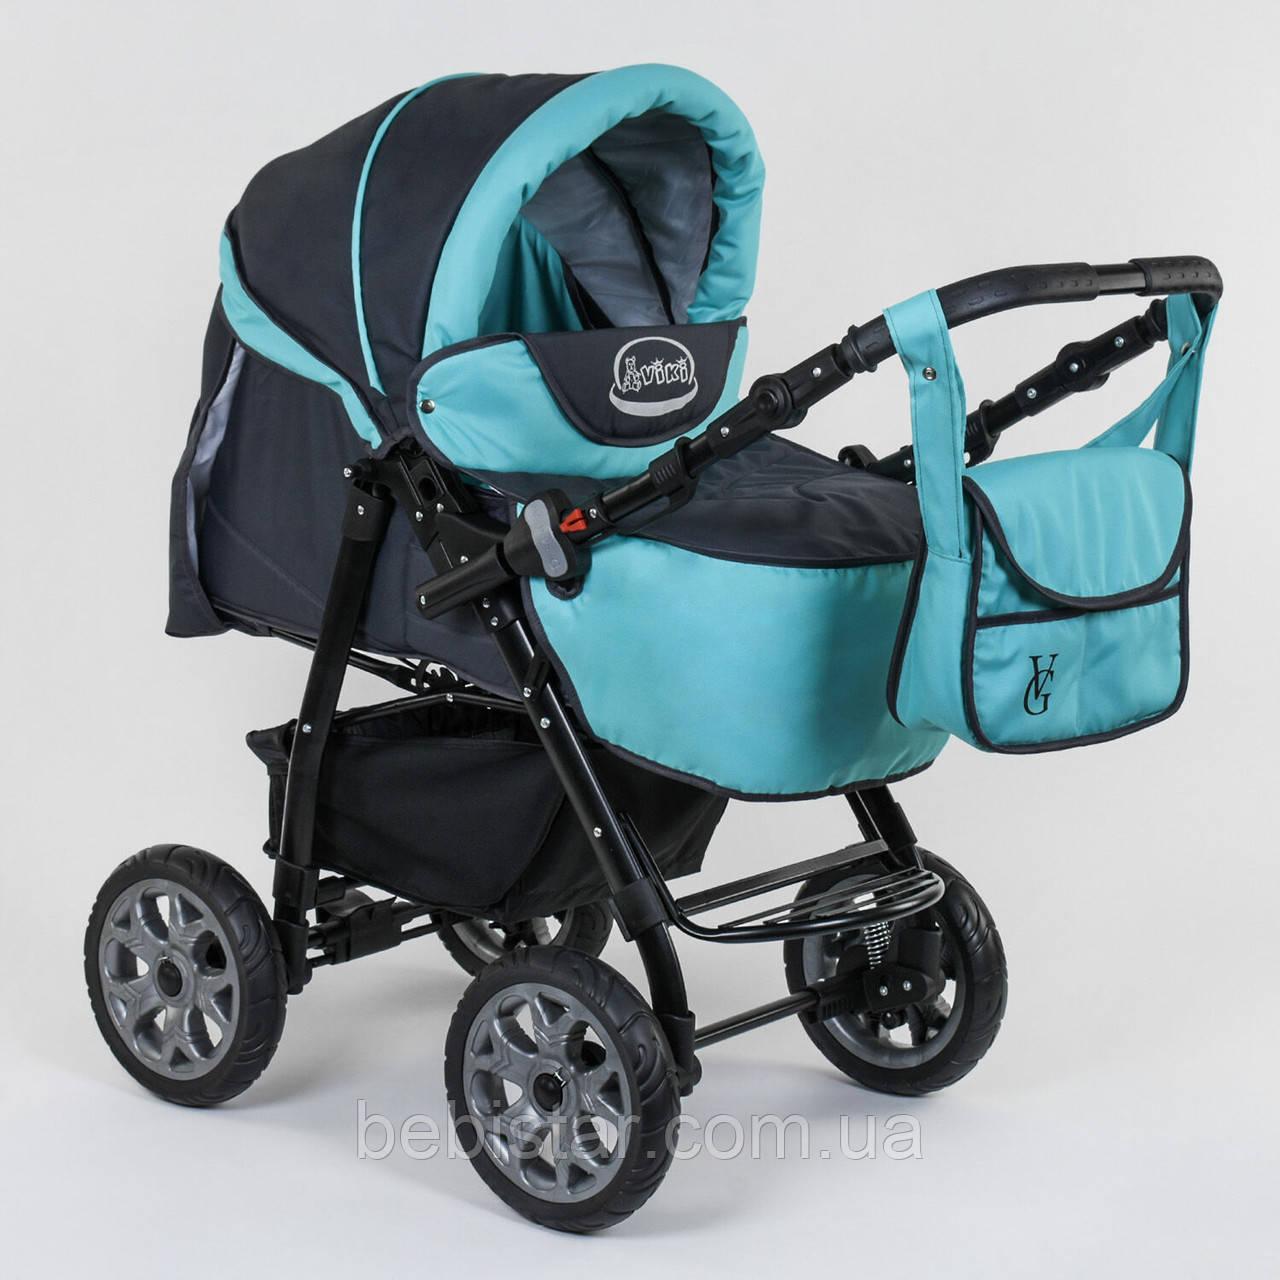 Детская коляска-трансформер 2в1 темно-серая с бирюзой Viki 86 Karina сумка дождевик люлька детям с рождения